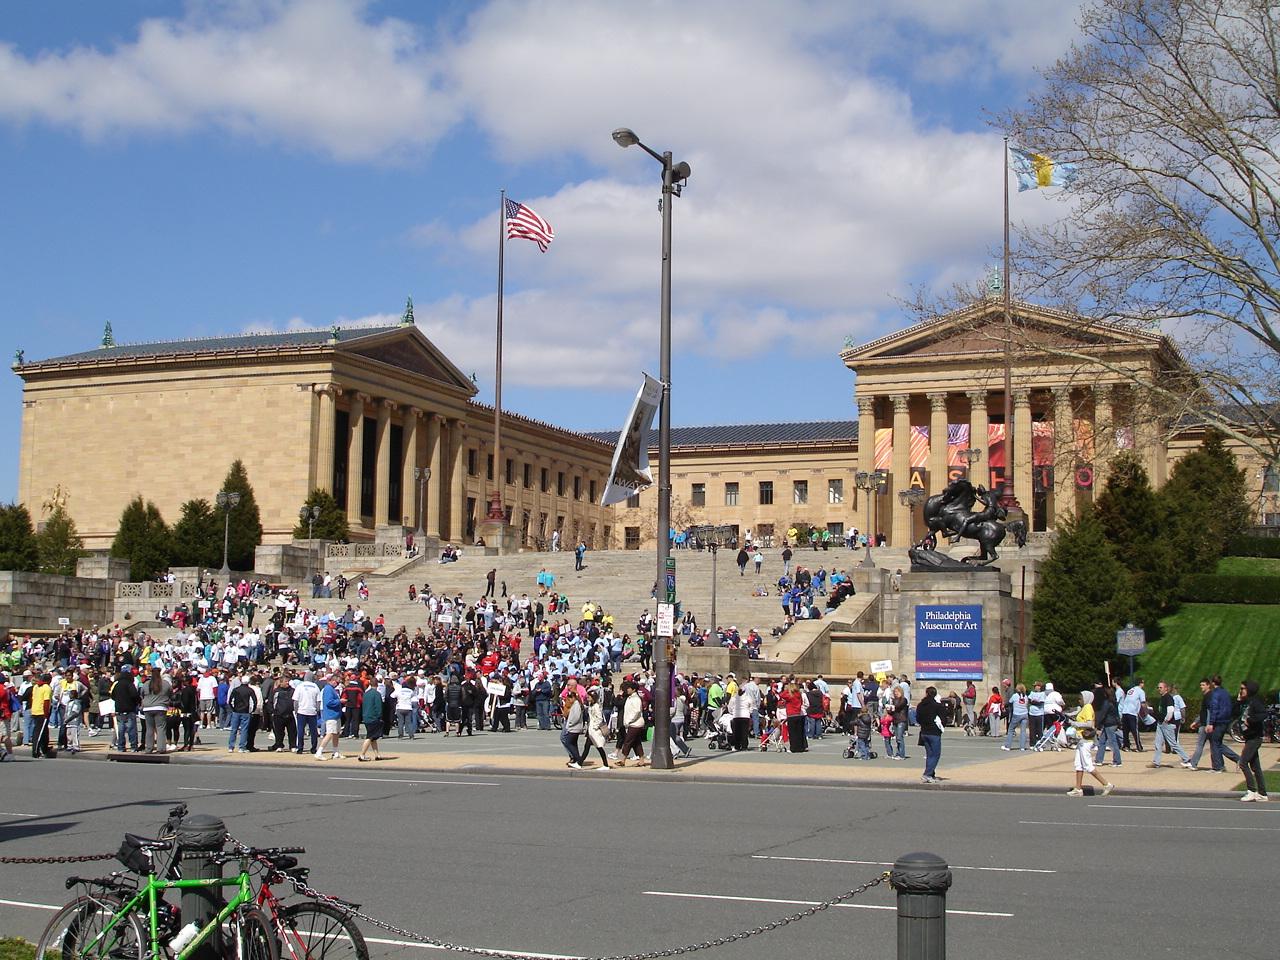 Филадельфия. Музей искусств. Спортивный праздник.